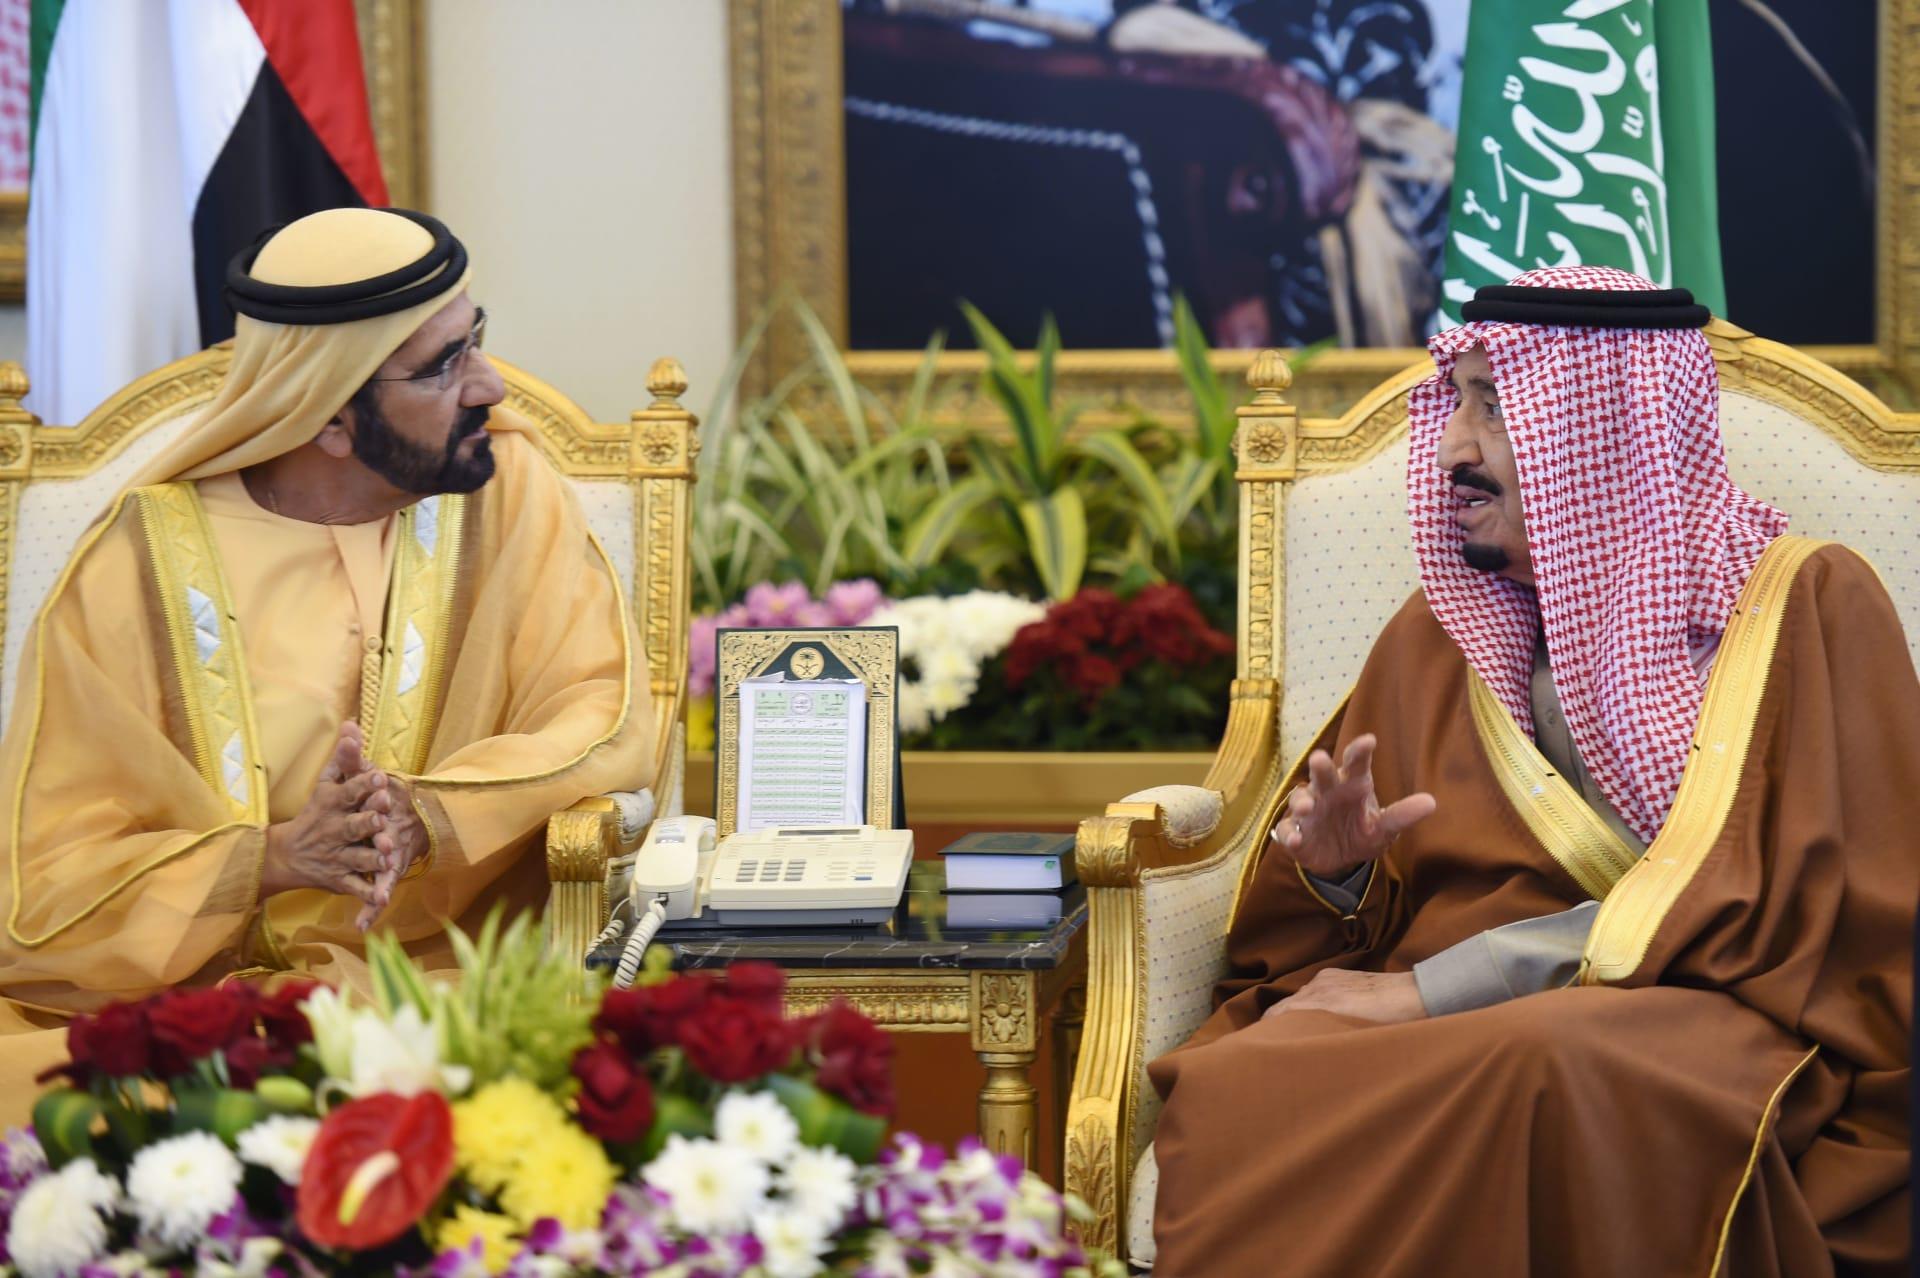 رسالتان صوتيتان من ولي عهد أبوظبي وحاكم دبي للسعودية بمناسبة اليوم الوطني